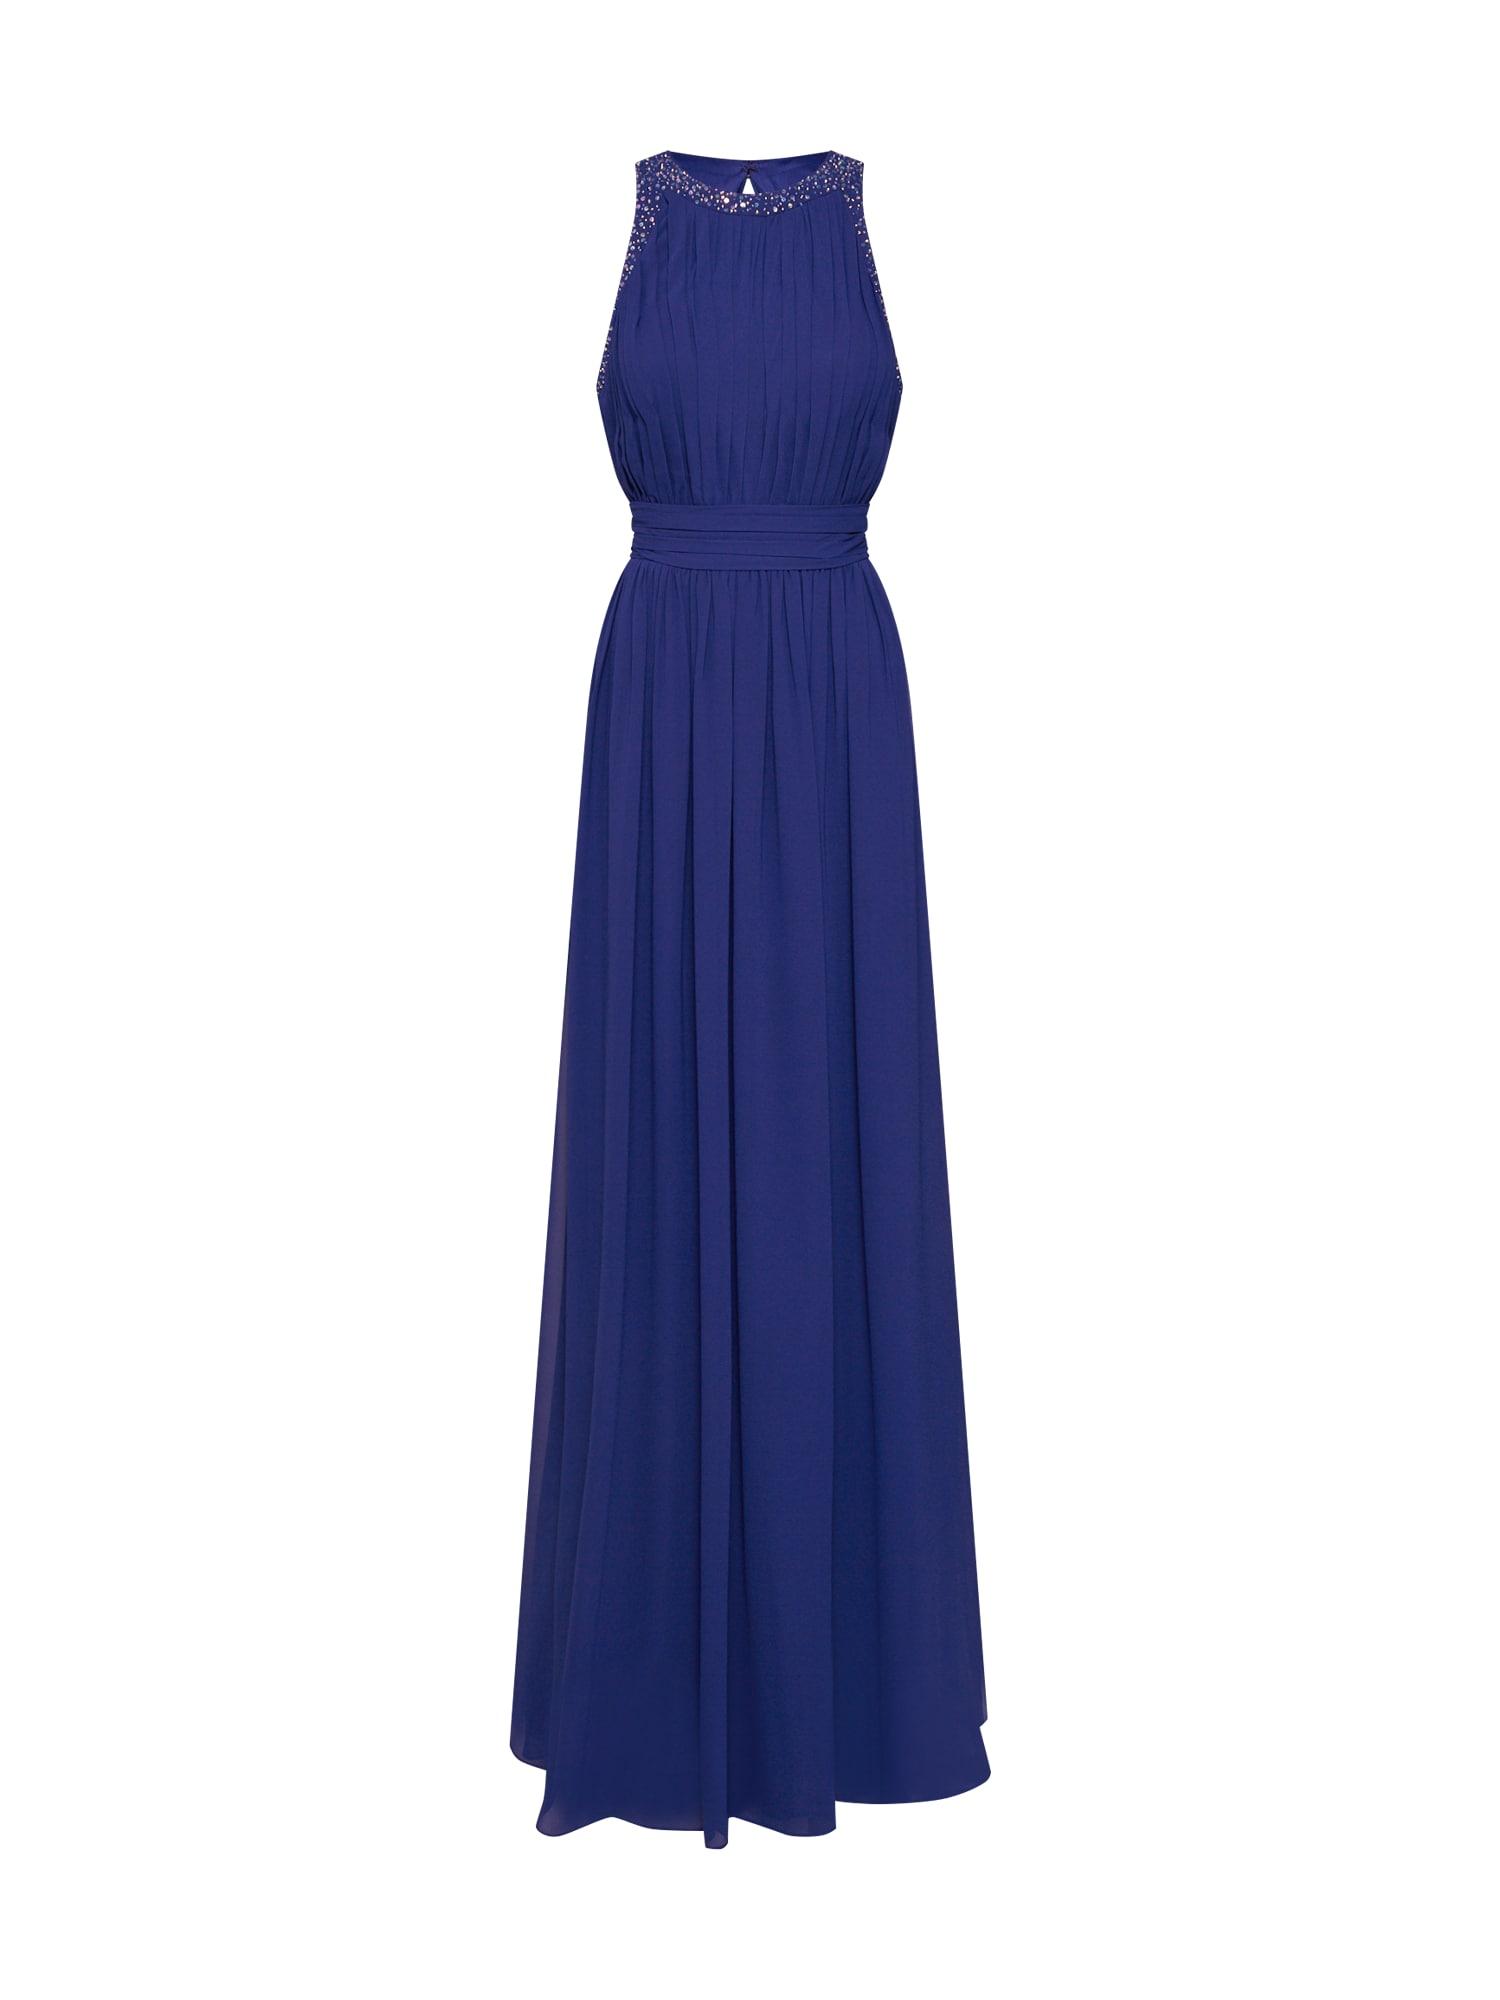 Společenské šaty long dress chiffon marine modrá STAR NIGHT